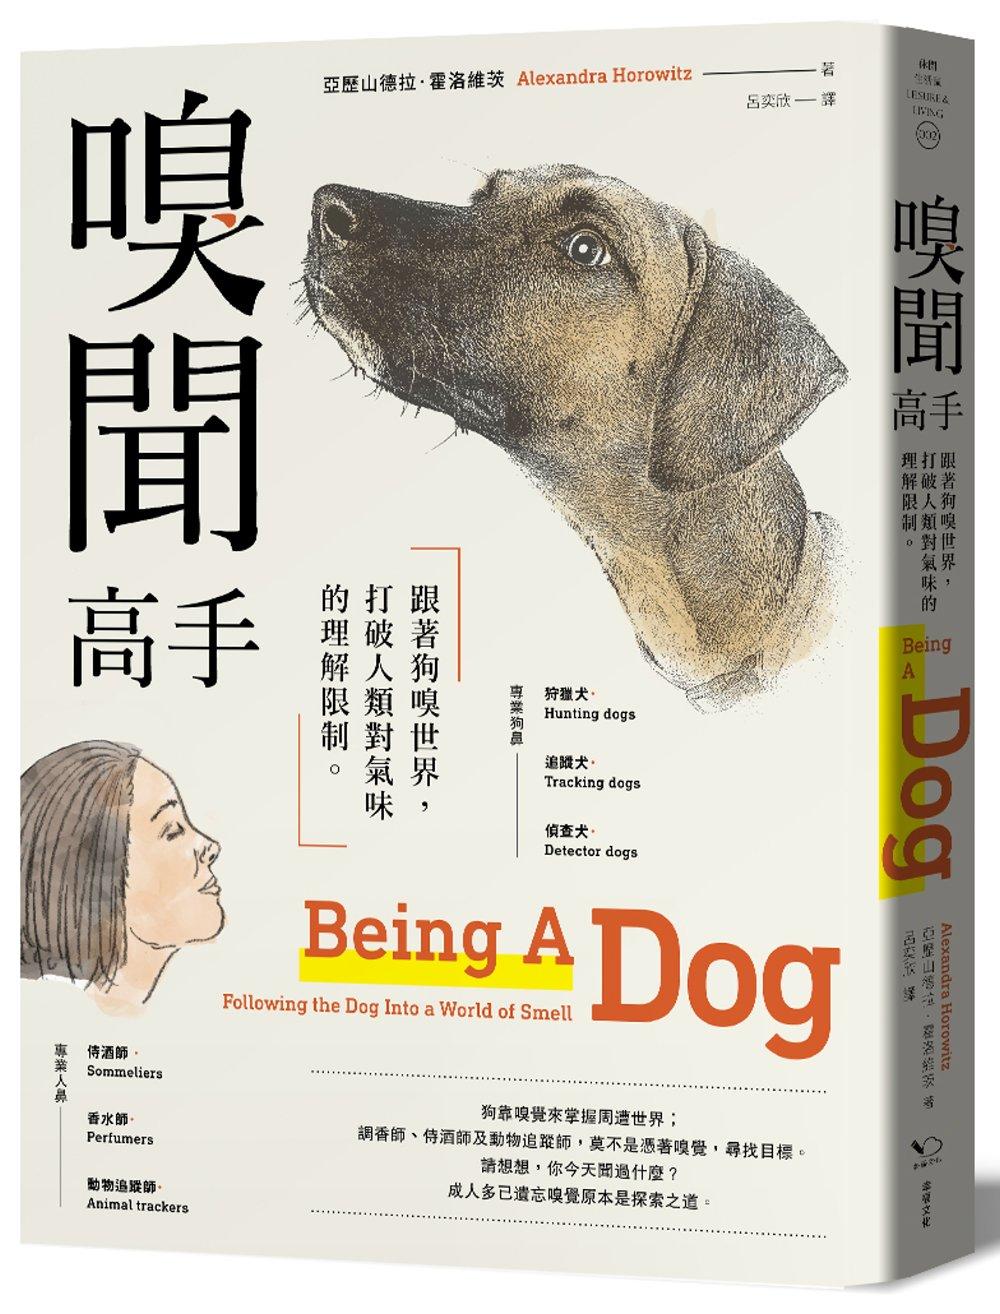 嗅聞高手: 跟著狗嗅世界,打破人類對氣味的理解限制